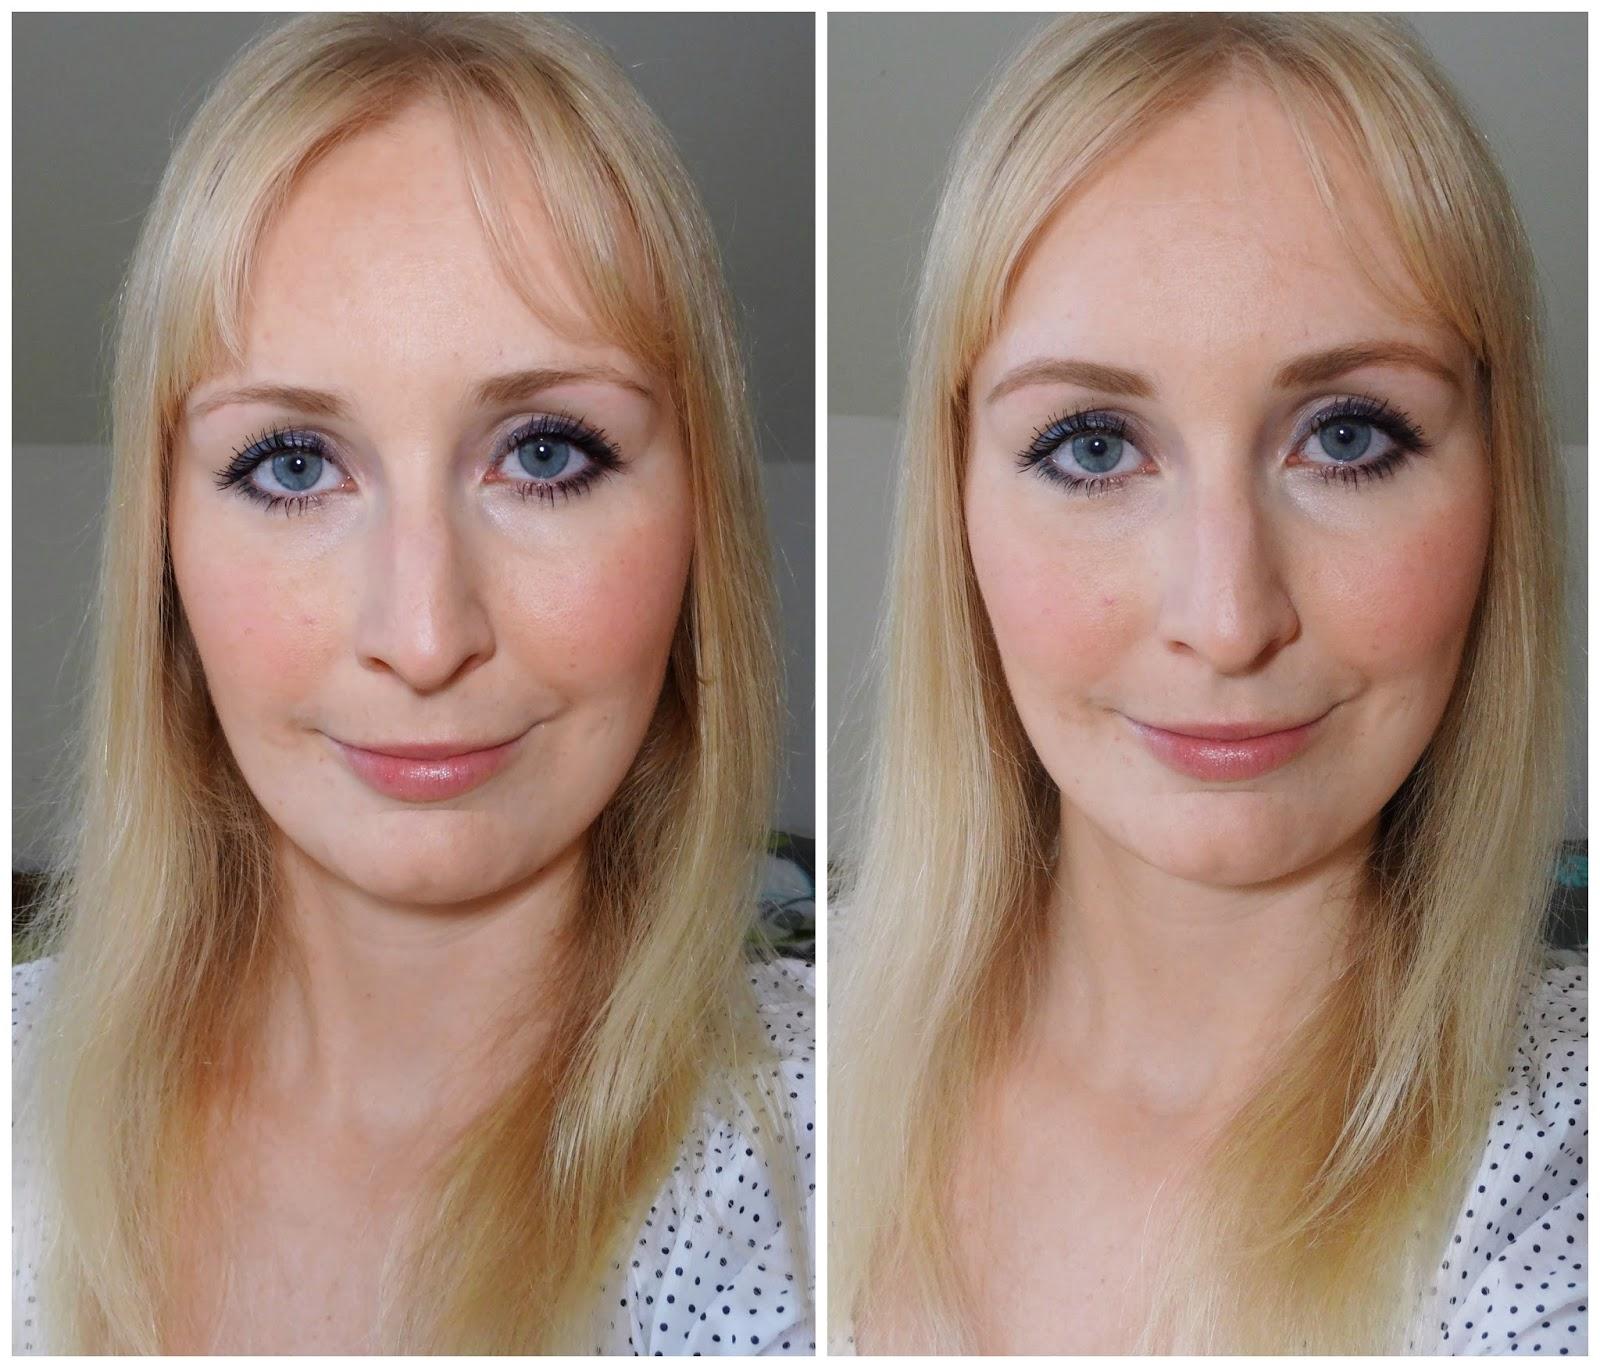 Augenbrauenstift Lancome vorher nachher